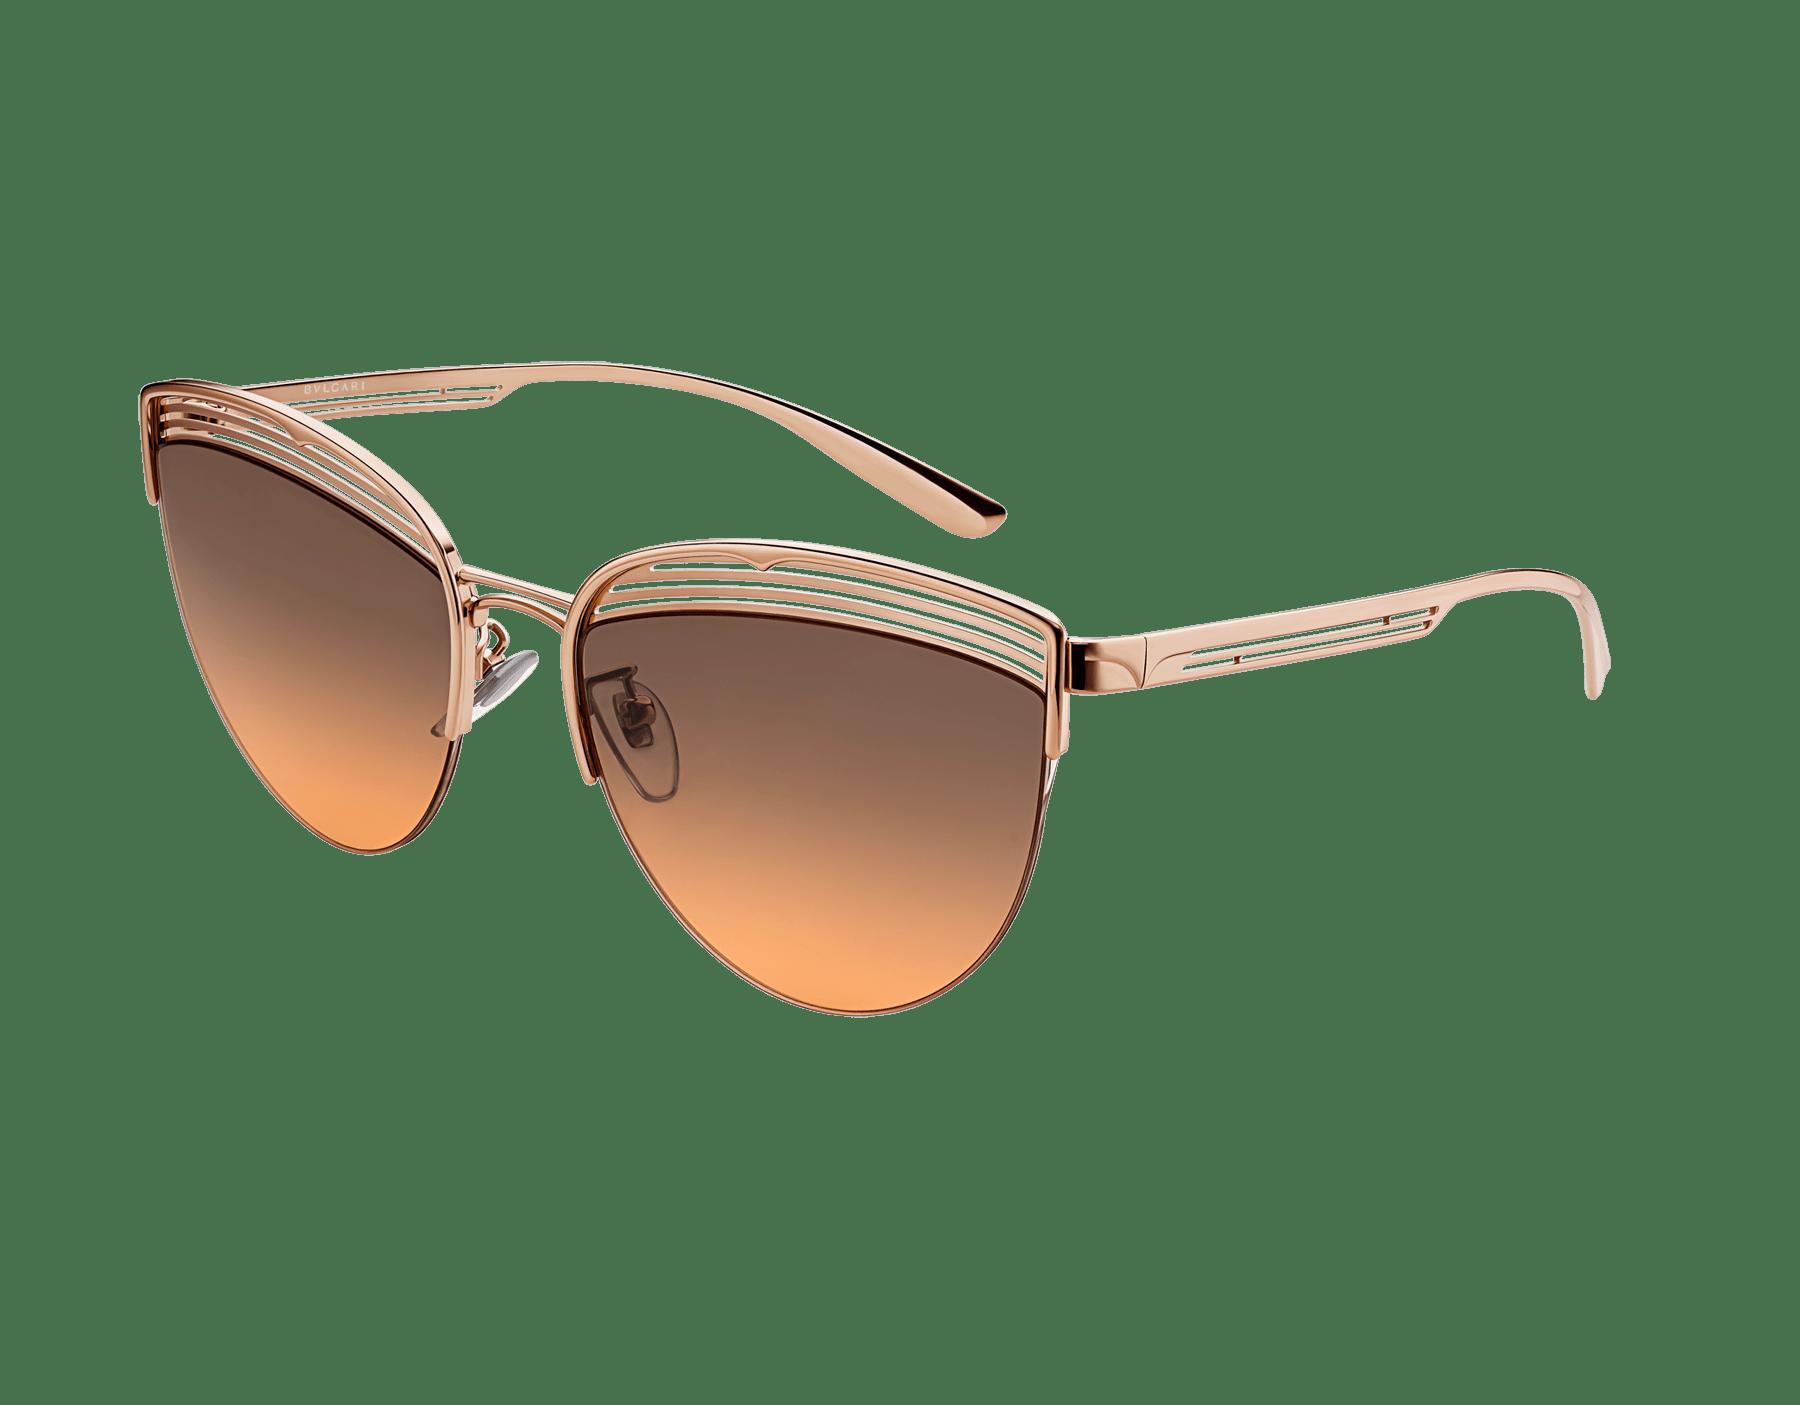 Bvlgari B.zero1 B.purevibes semi-rimless cat-eye metal sunglasses. 903715 image 1